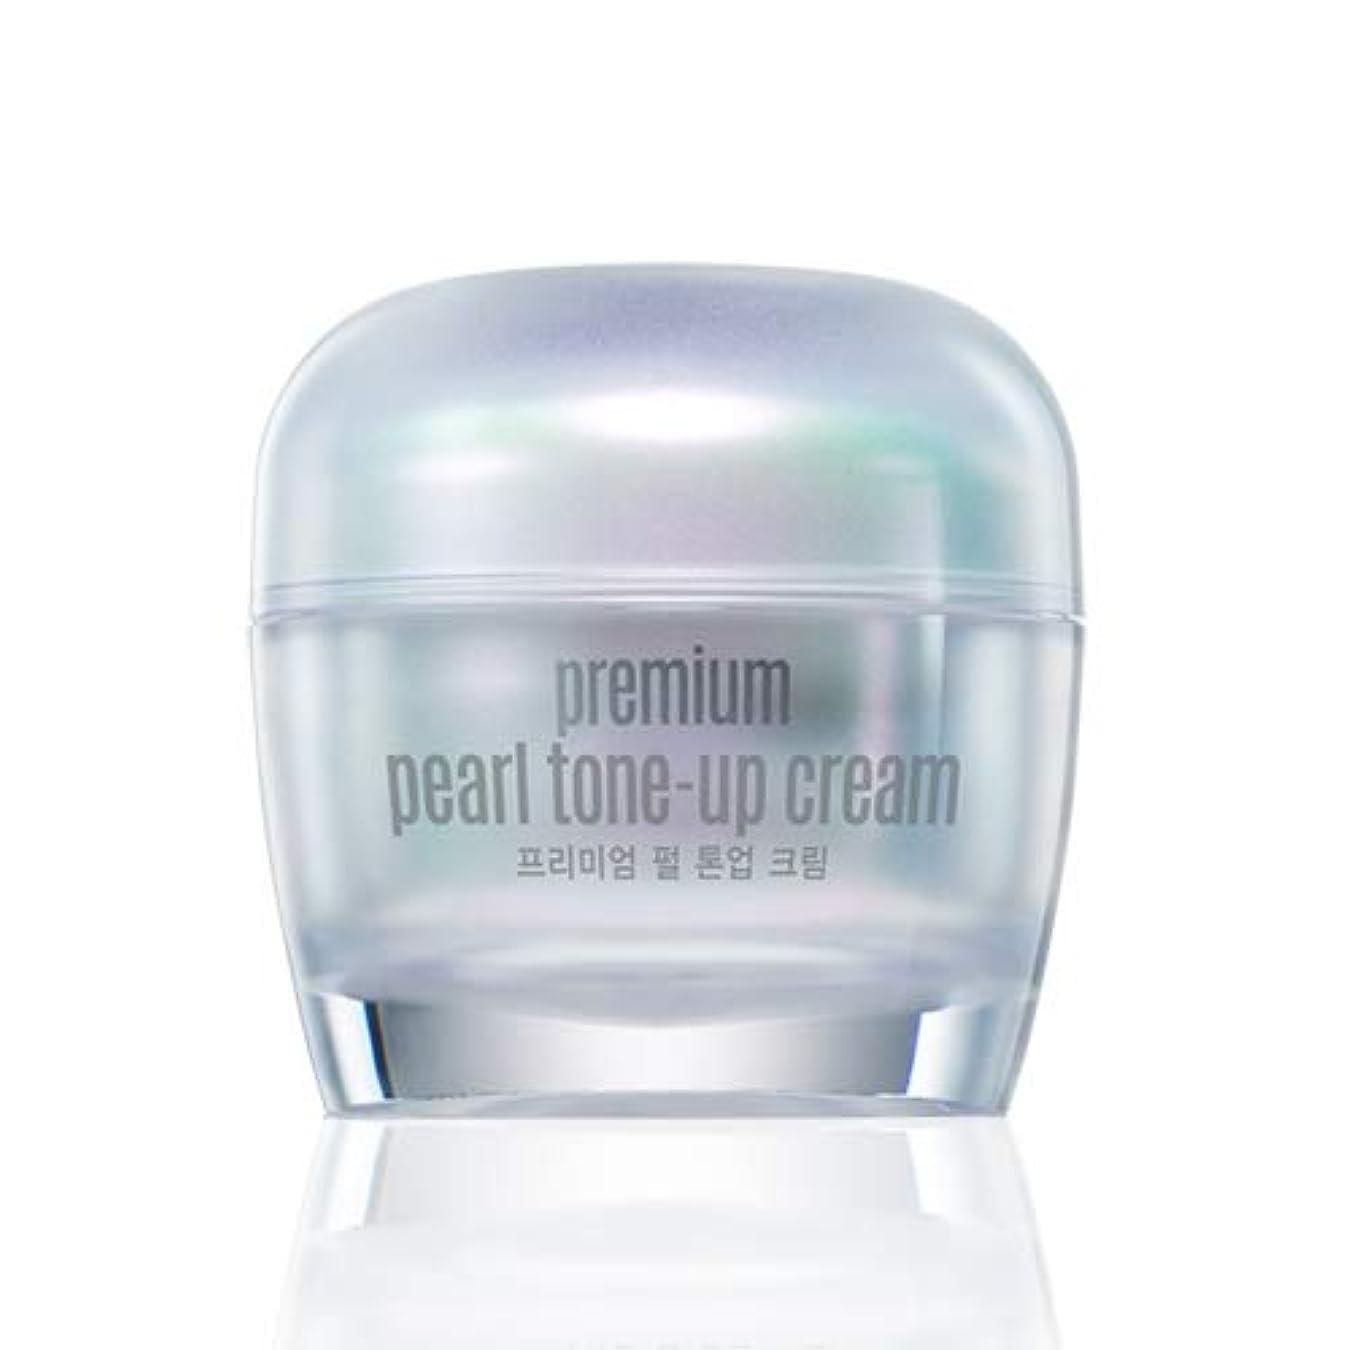 突進万一に備えて絶縁するグーダル プレミアム パール トーンアップ クリーム50ml Goodal Premium Pearl Tone-up Cream [並行輸入品]